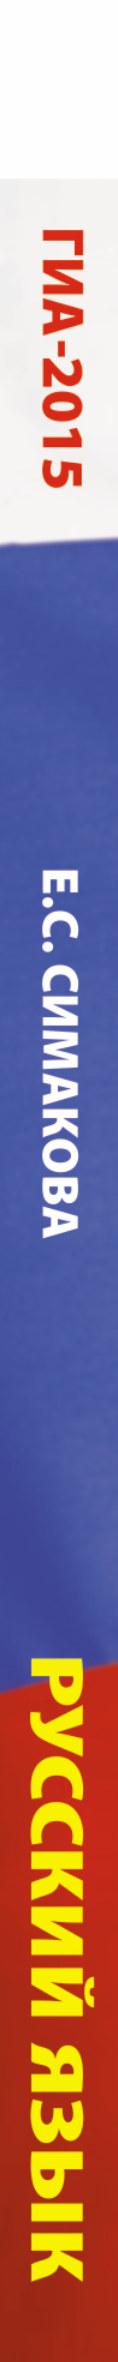 ГИА-2015. Русский язык. 9 класс. Тренировочные варианты экзаменационных работ для подготовки к основному государственному экзамену